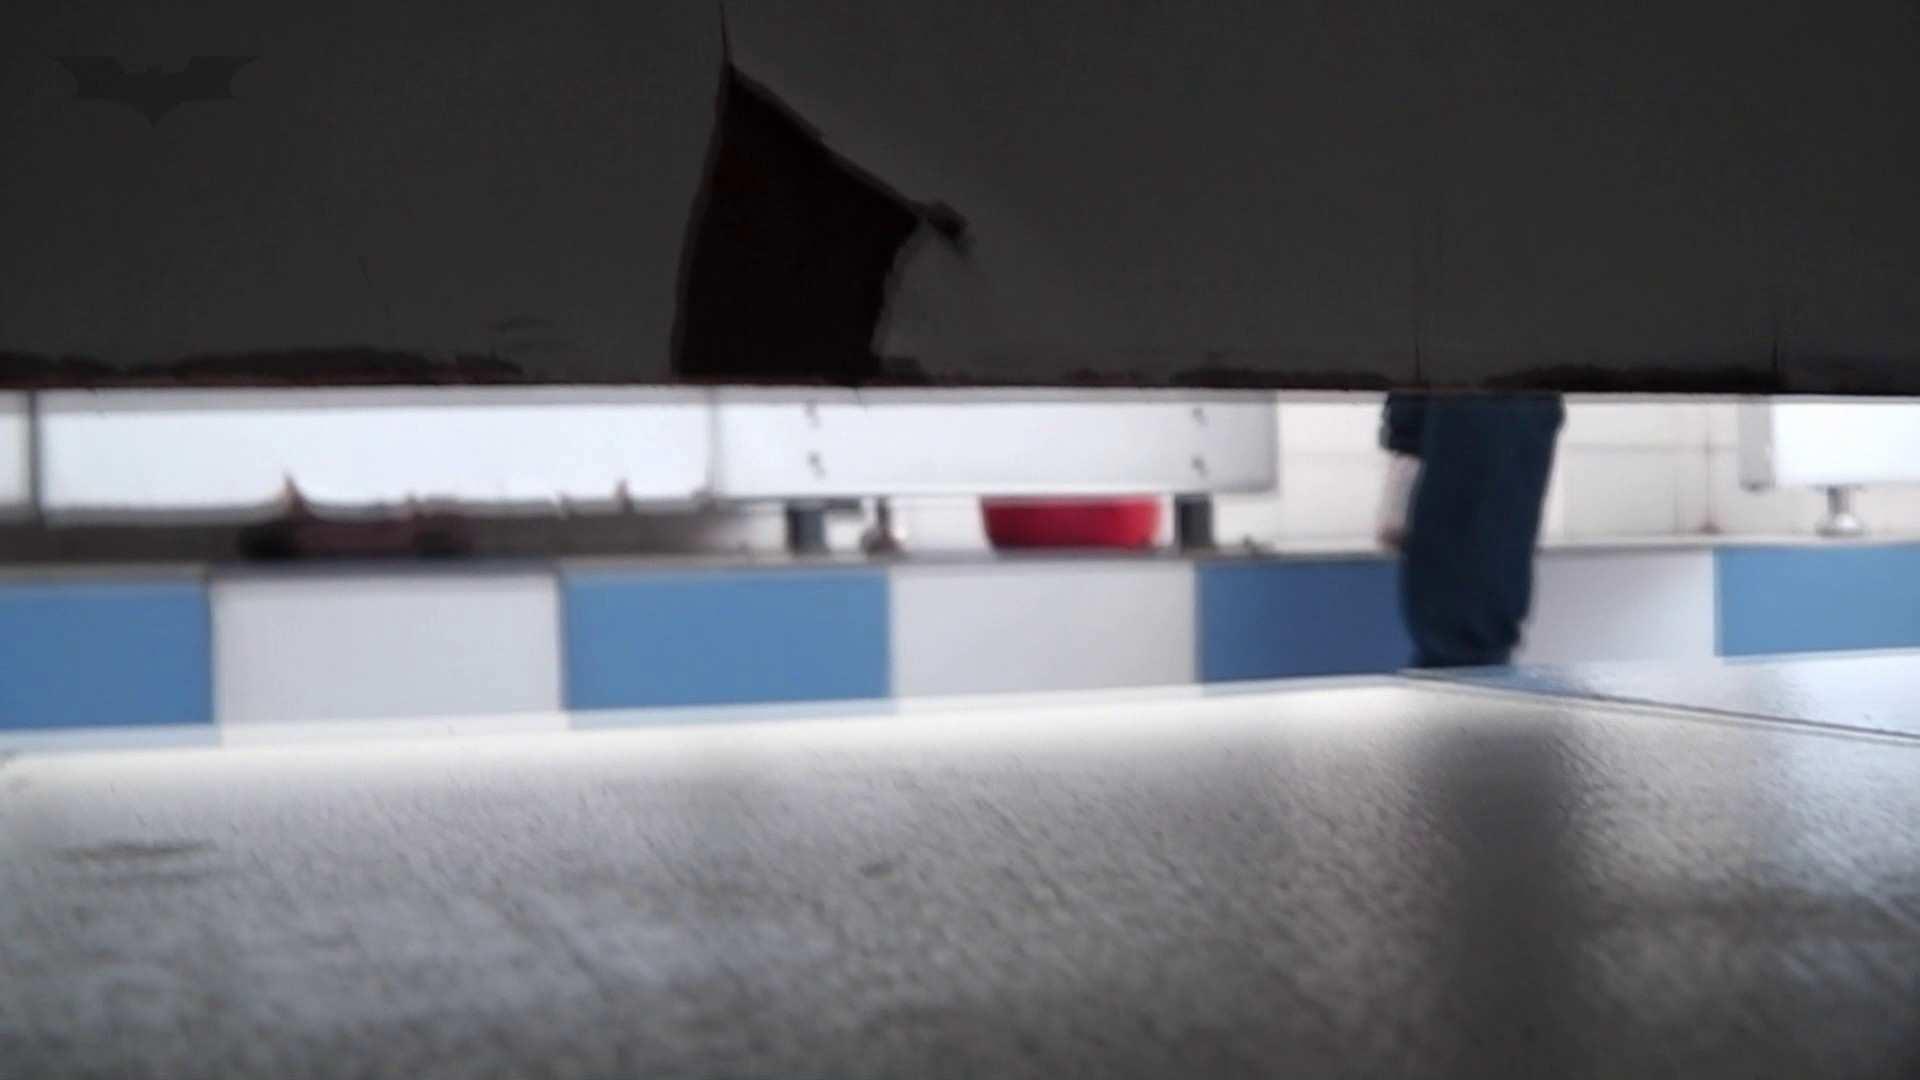 下からノゾム vol.020 10センチ越えドロンを垂らしながら・・・ 洗面所 オメコ無修正動画無料 109画像 76